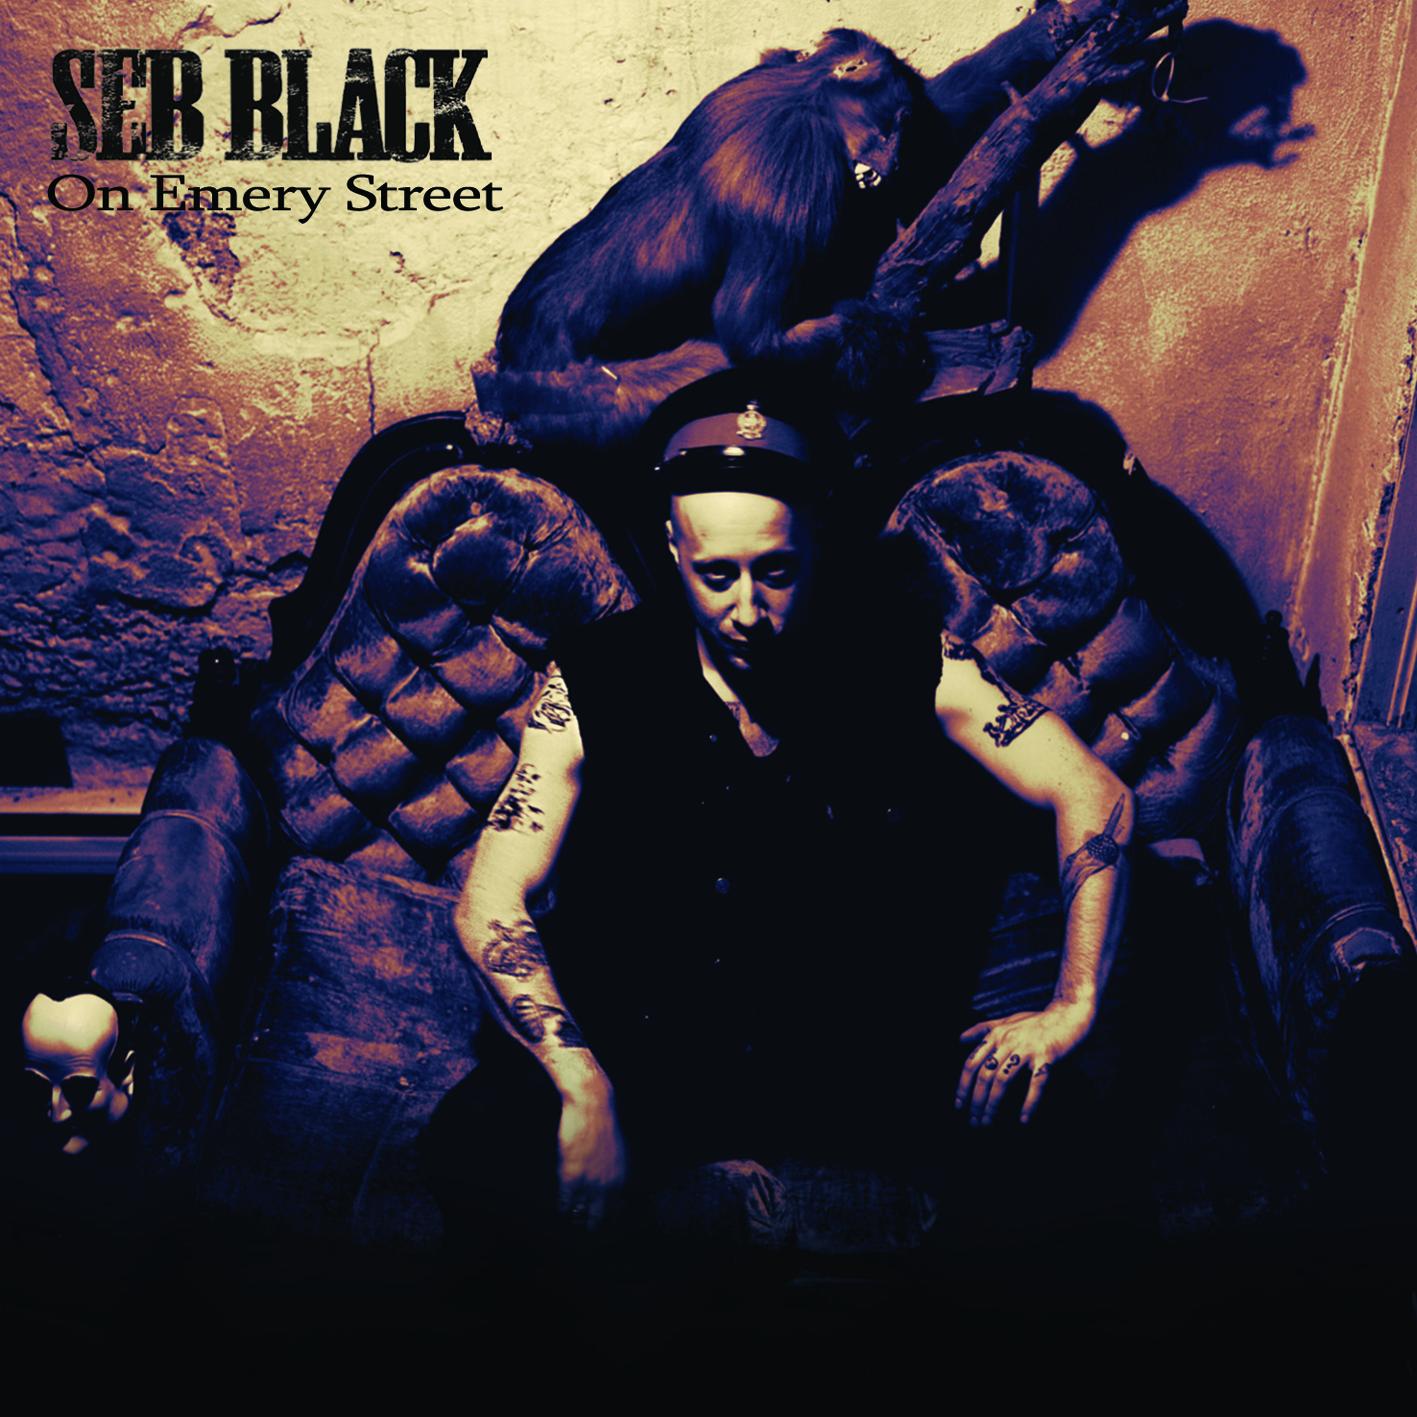 Seb Black, On Emery Street, Album, Cover, Noisolution